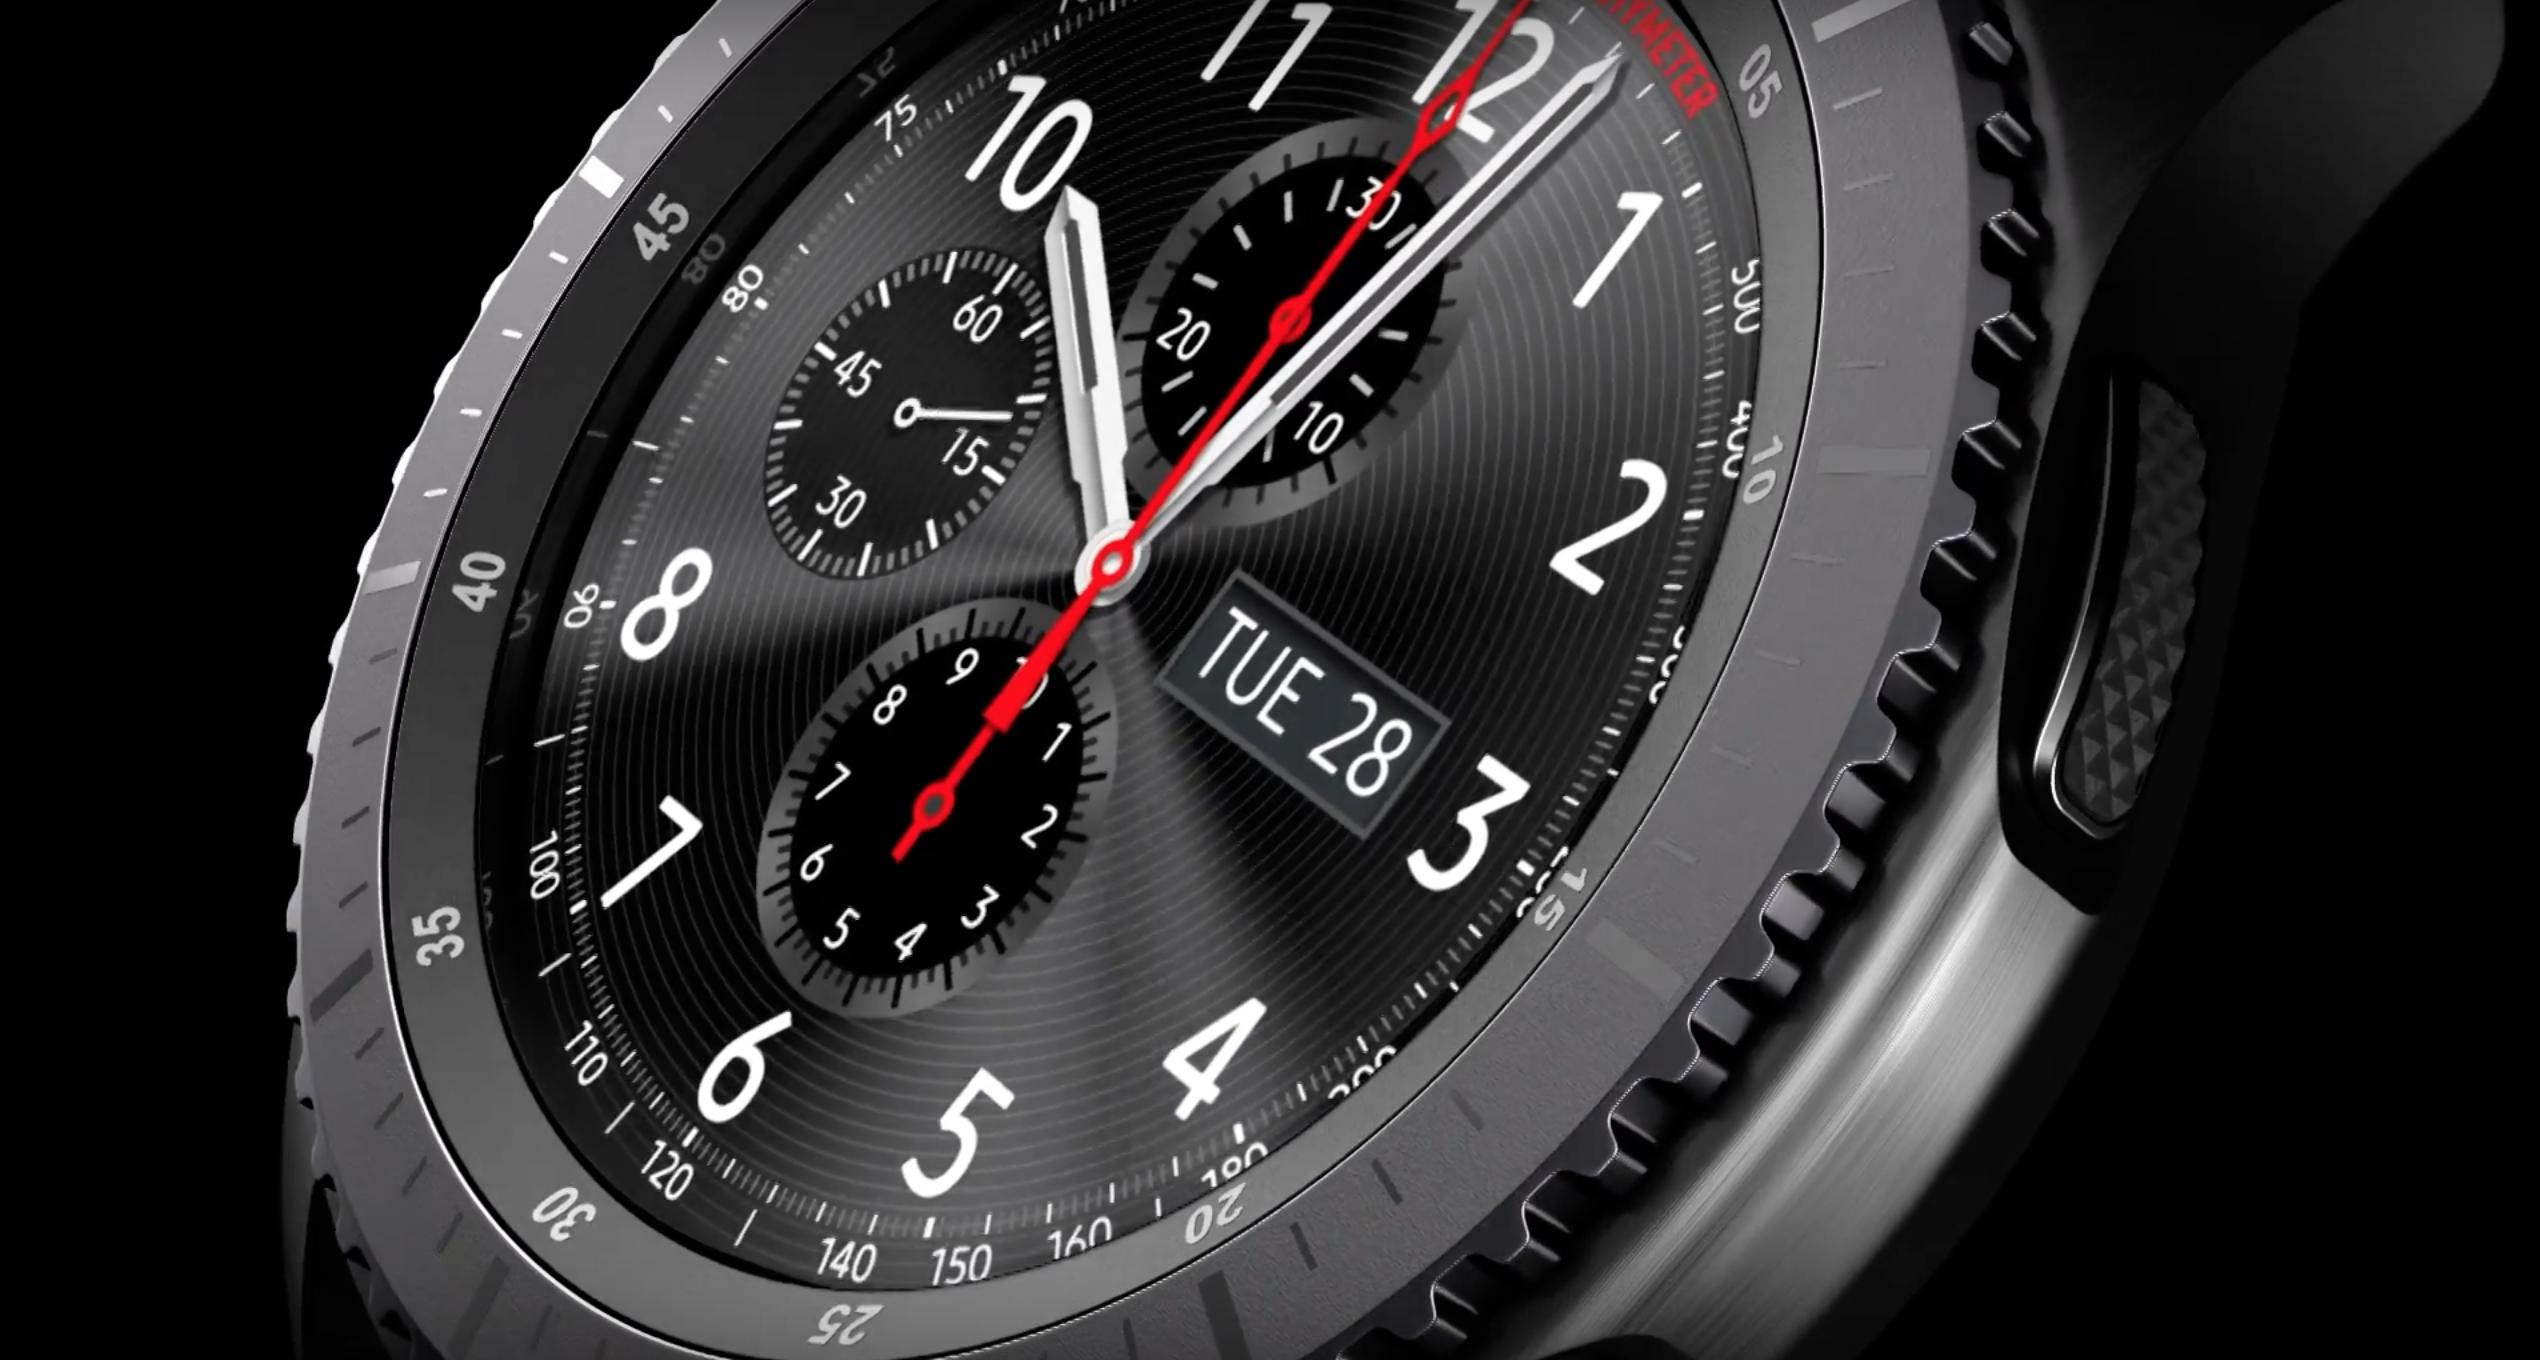 Już jest! Samsung Gear S3 – smart zegarek, którego nie będziesz wstydził się nosić